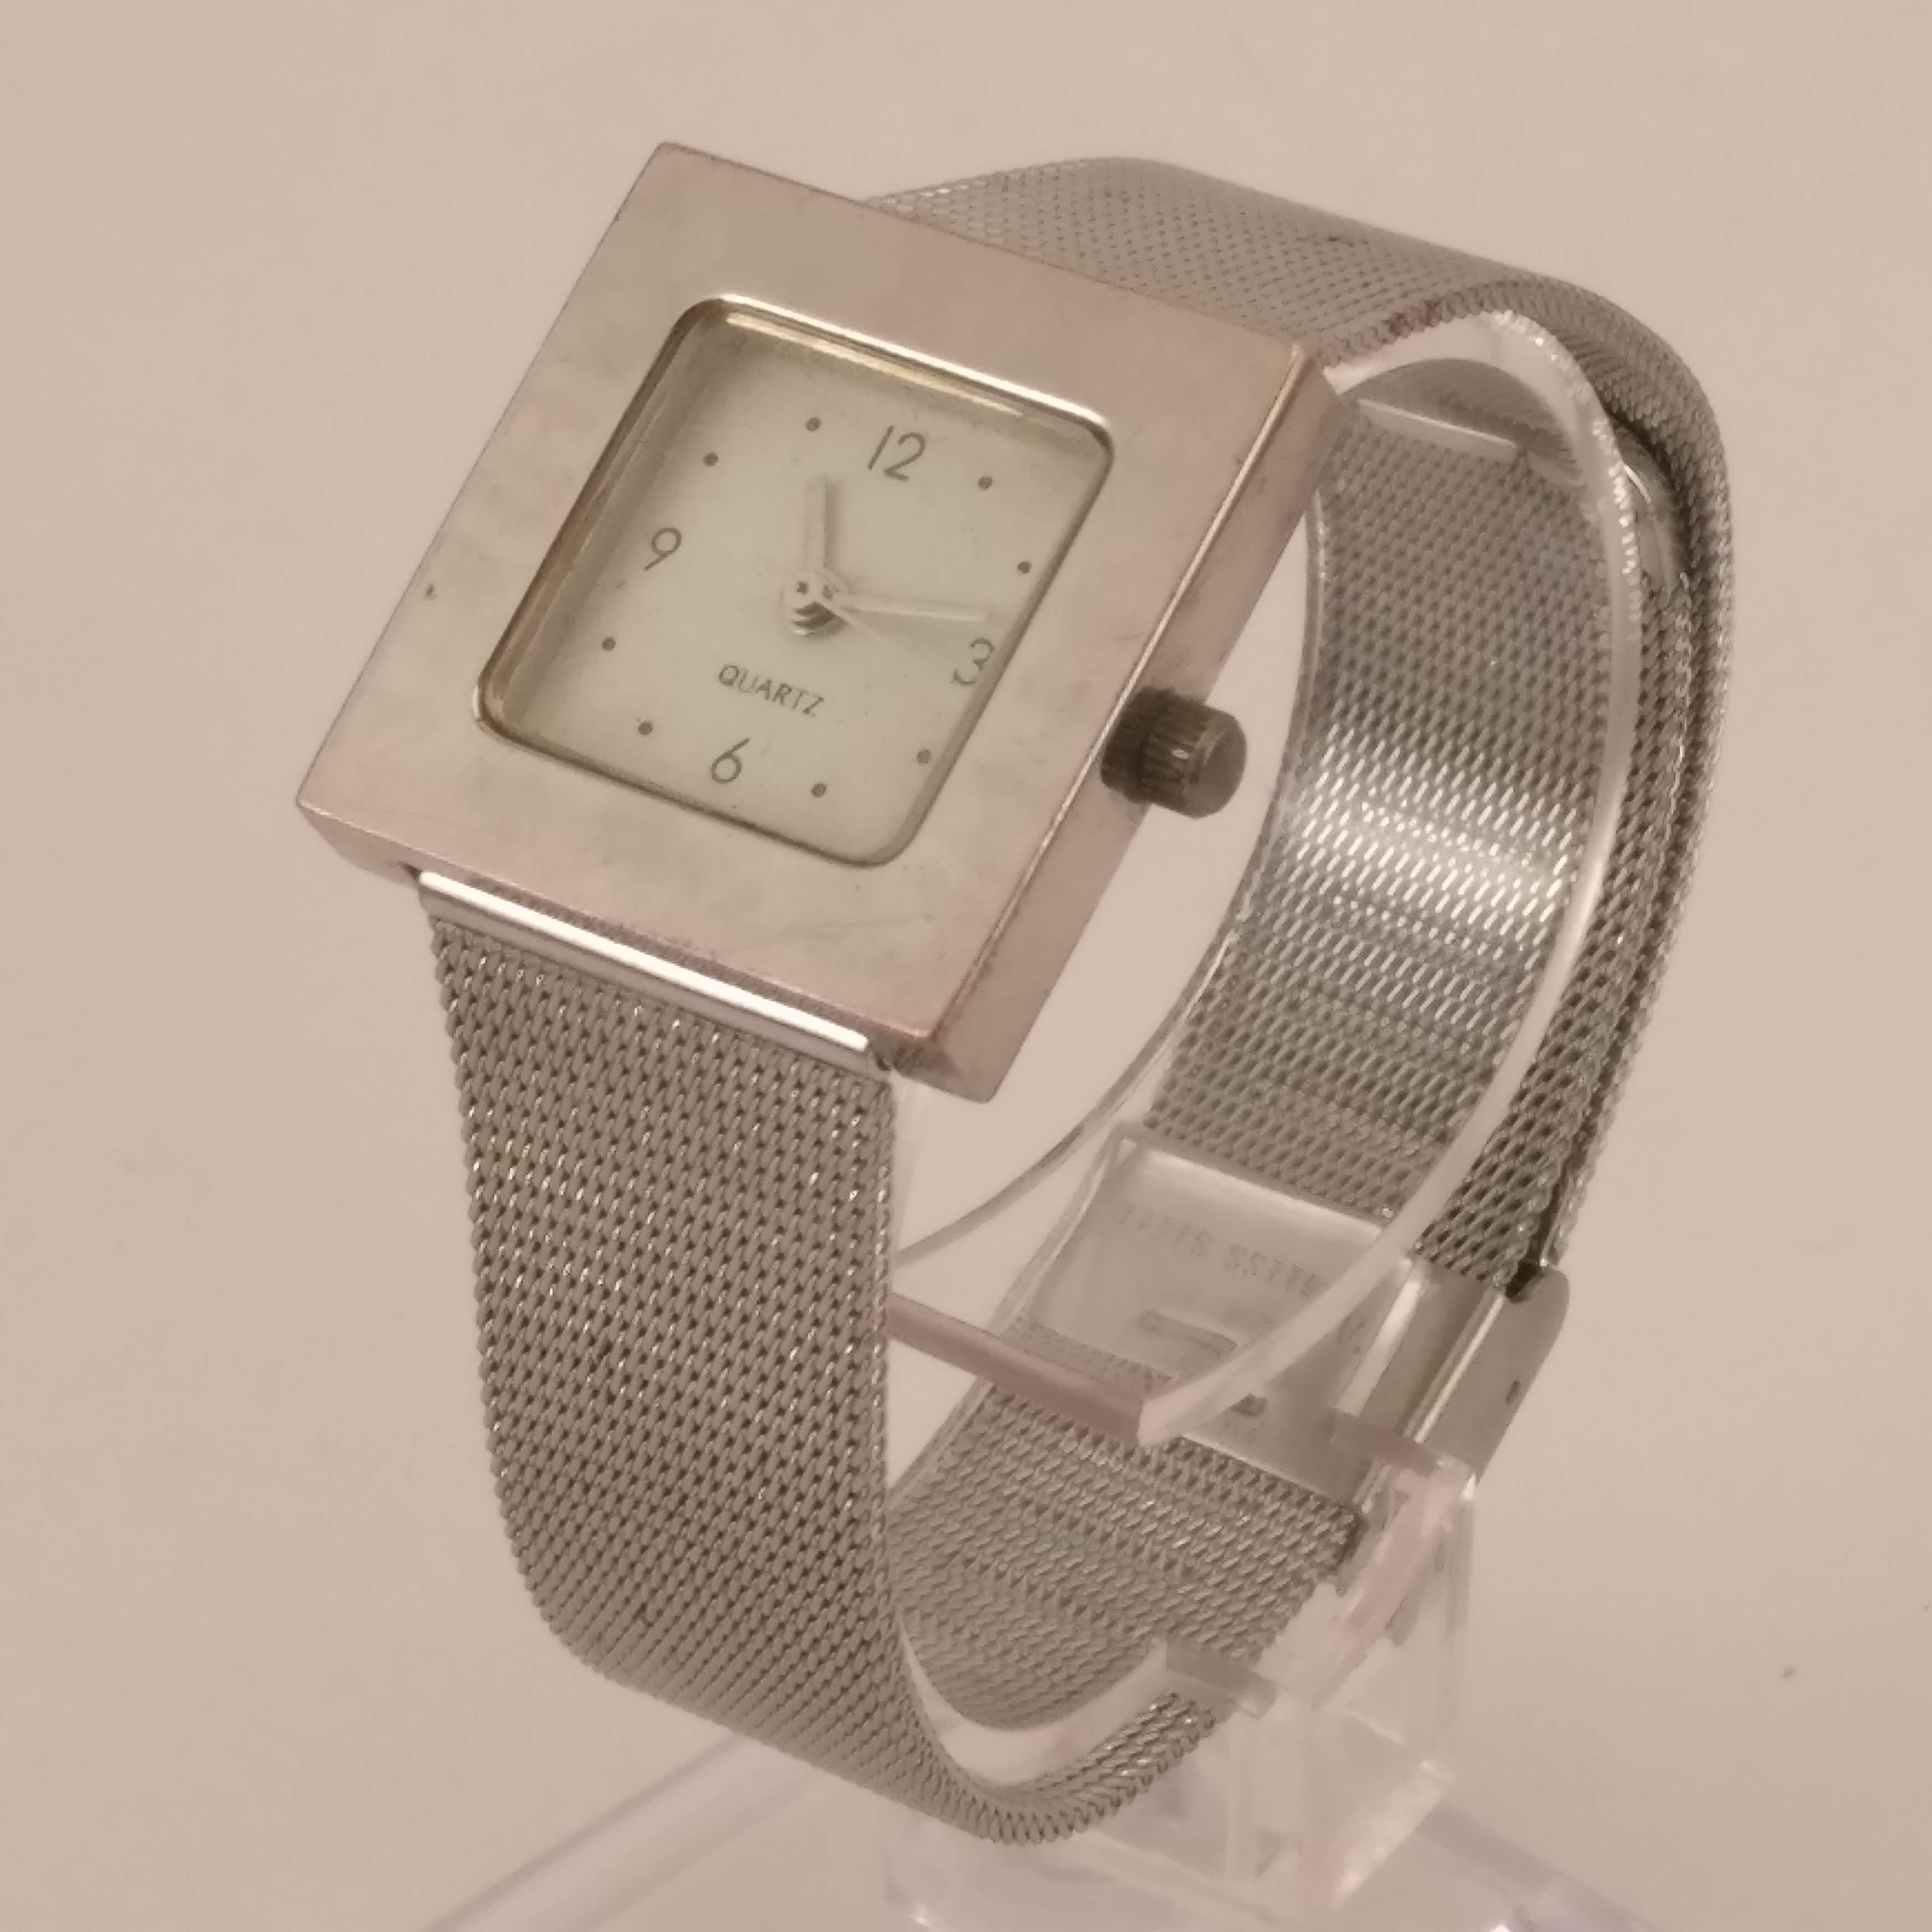 Fonkelnieuw Vierkant Dames Horloge FW-12